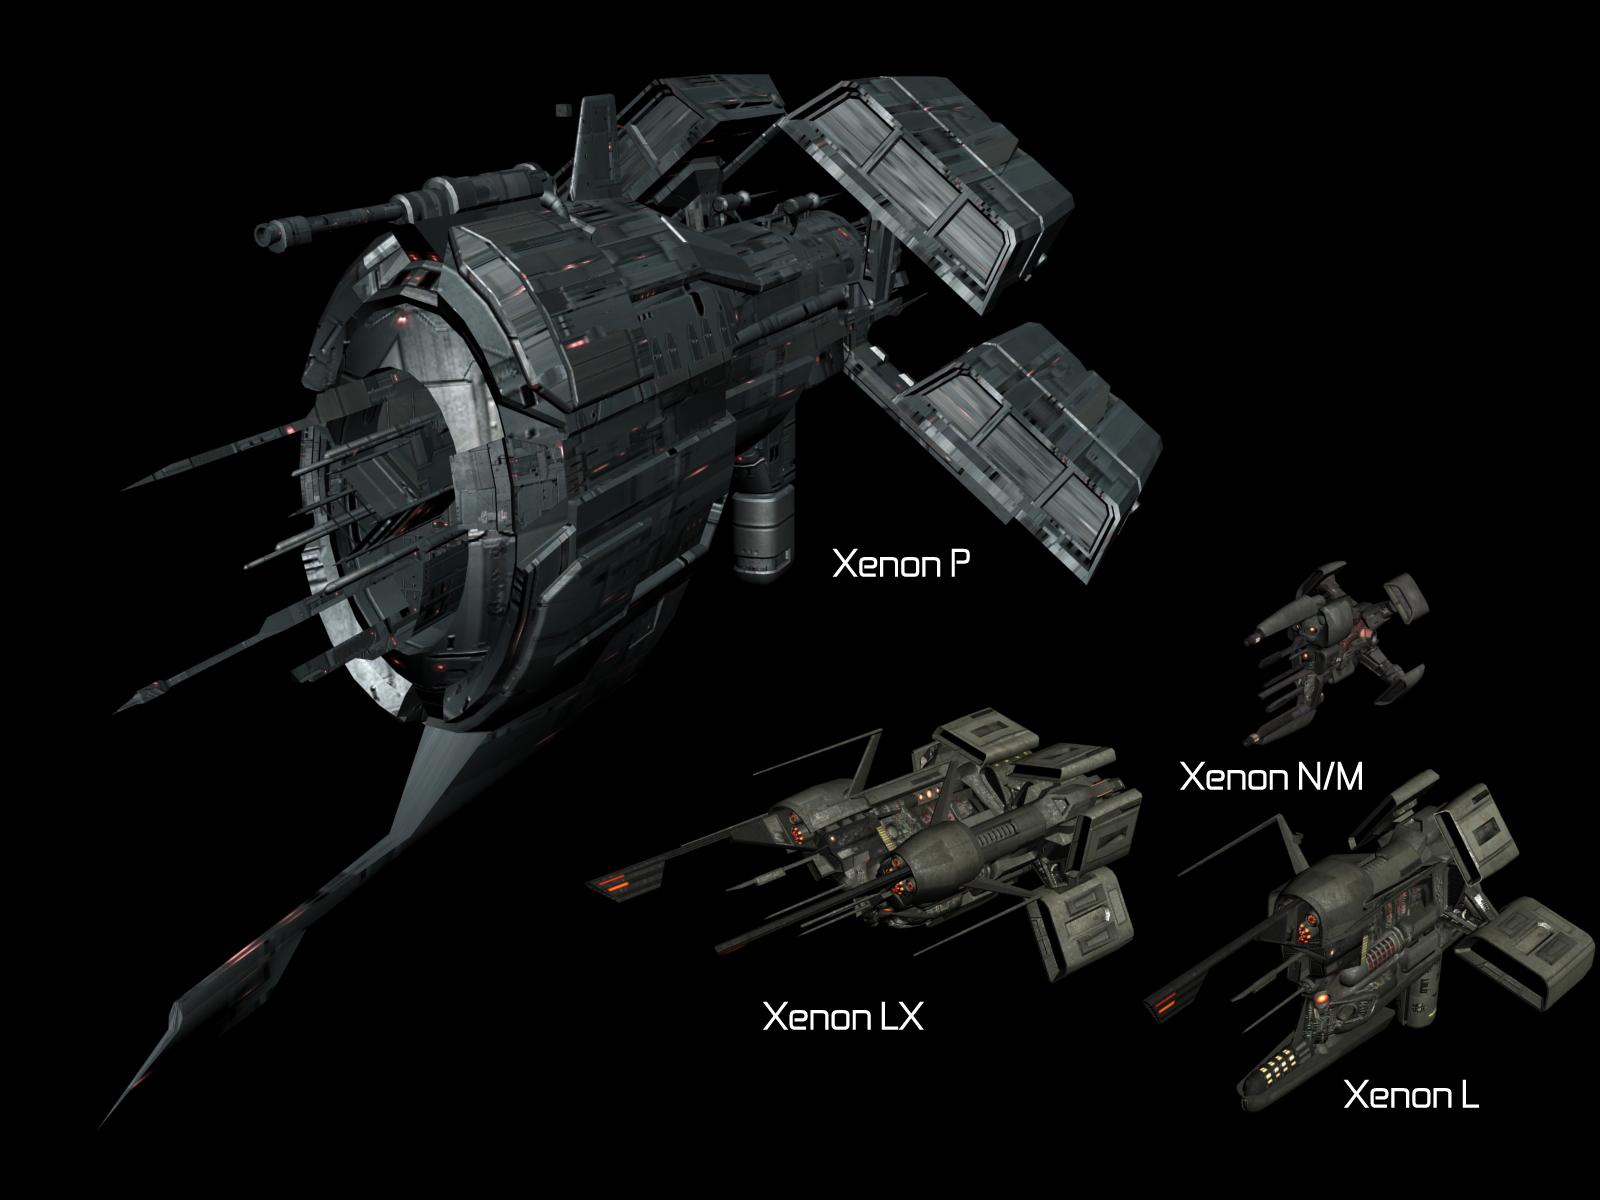 30015_Xenon_Fighters_122_230lo.jpg